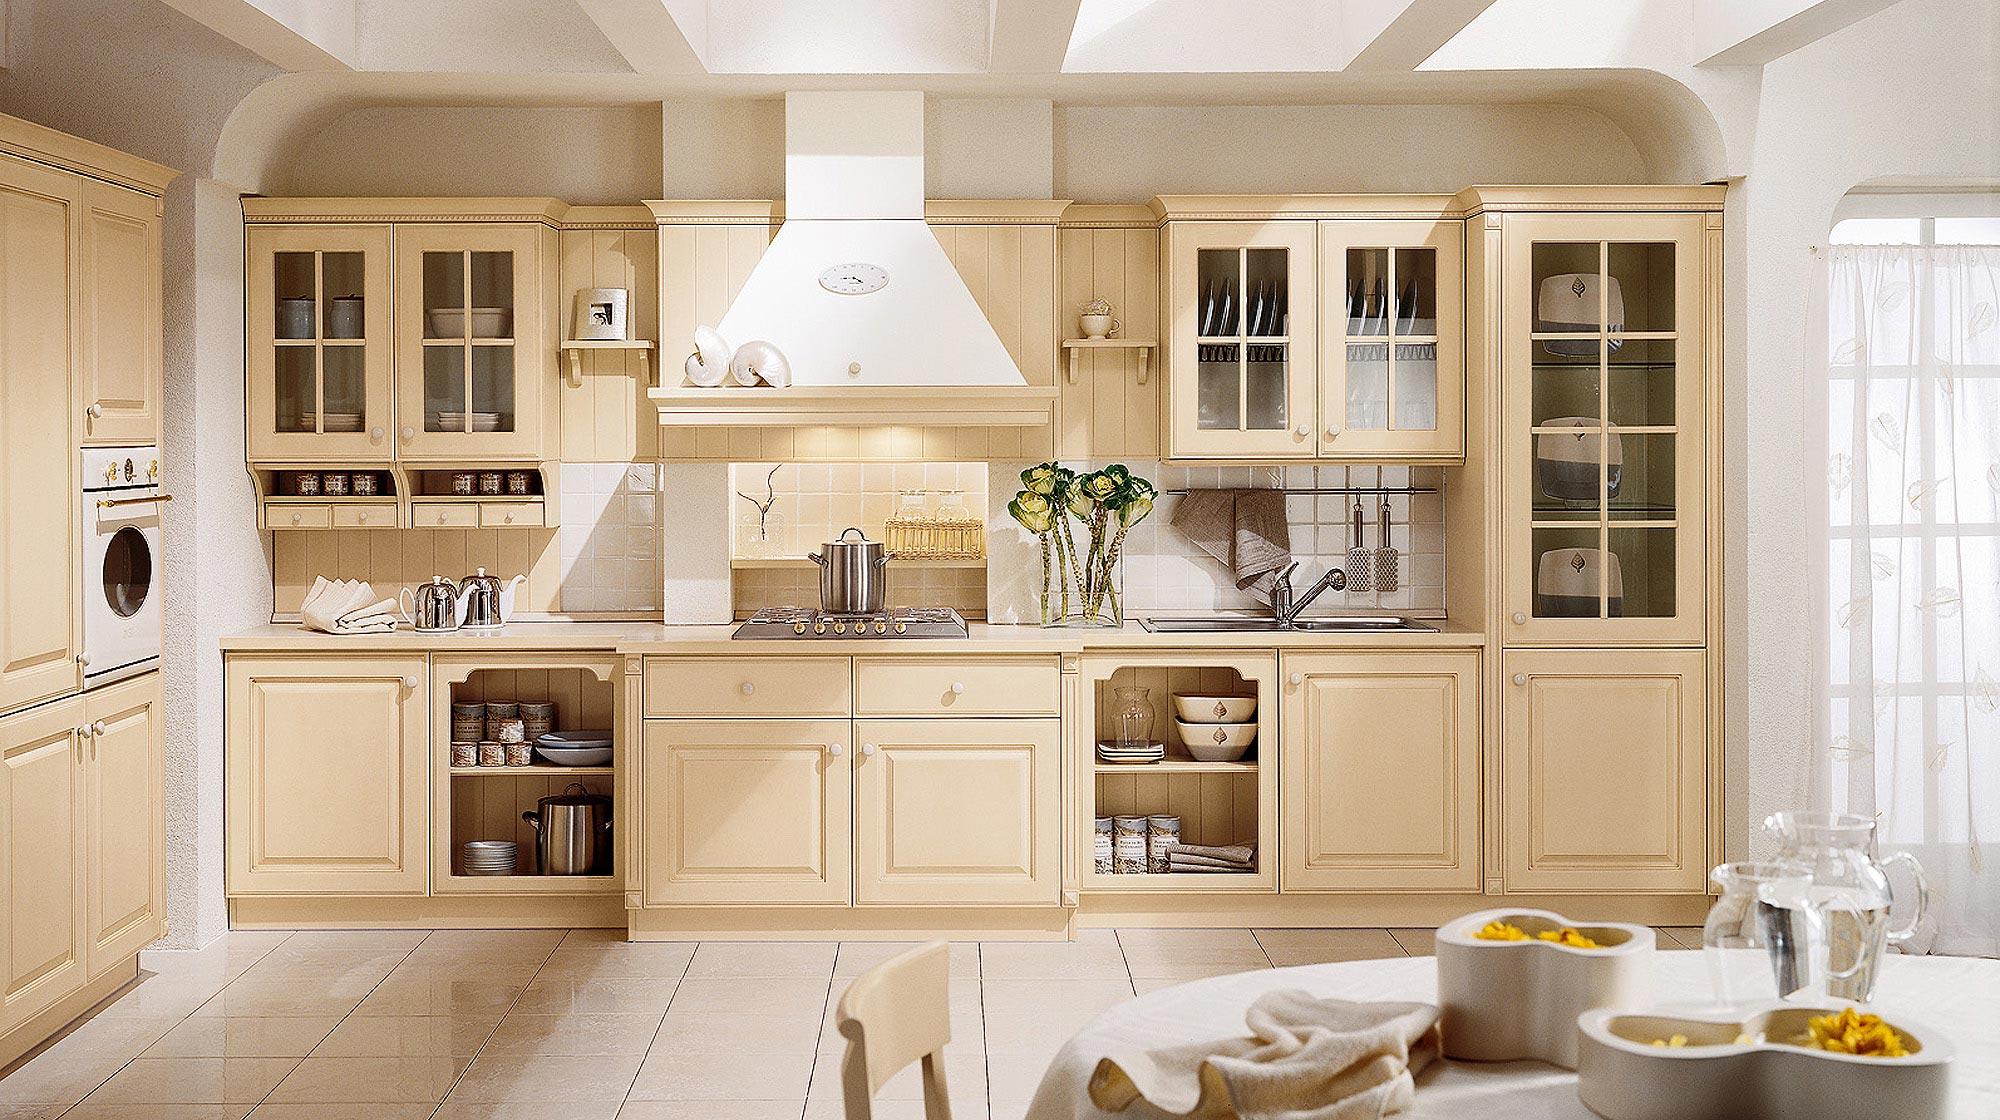 Бежево-белая кухня в стиле кантри